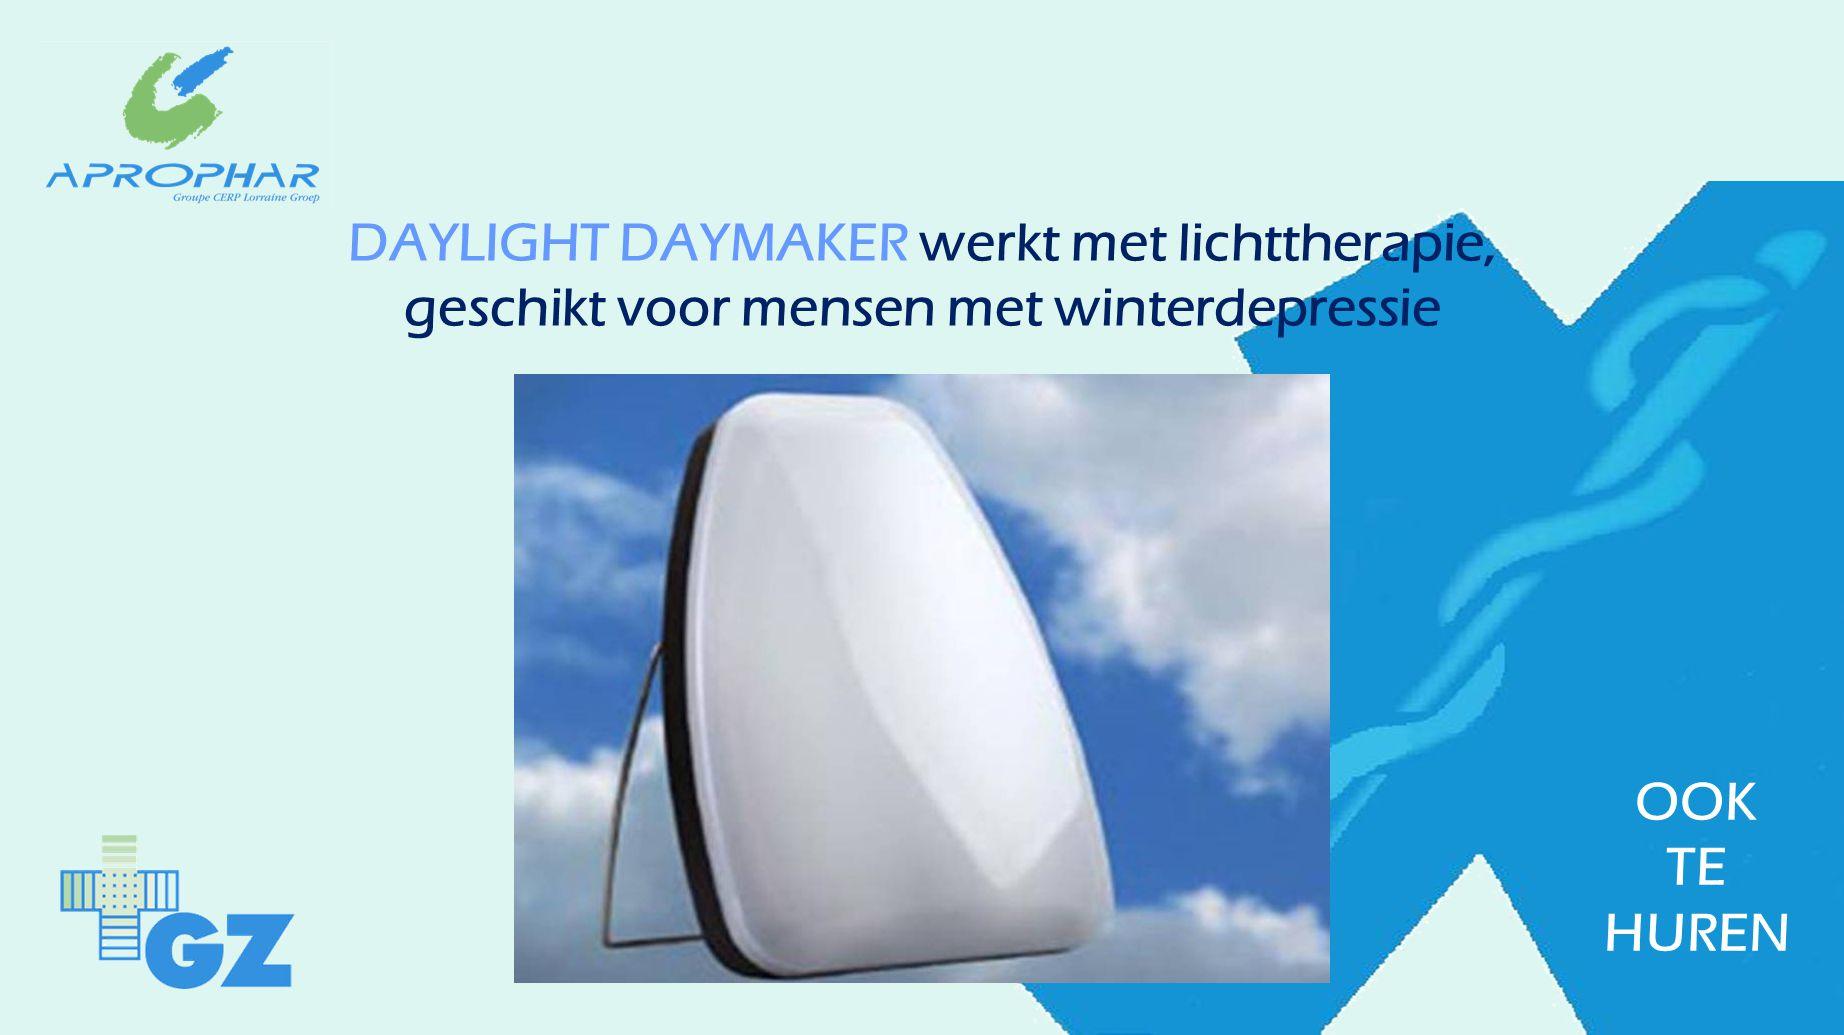 DAYLIGHT DAYMAKER werkt met lichttherapie, geschikt voor mensen met winterdepressie OOK TE HUREN